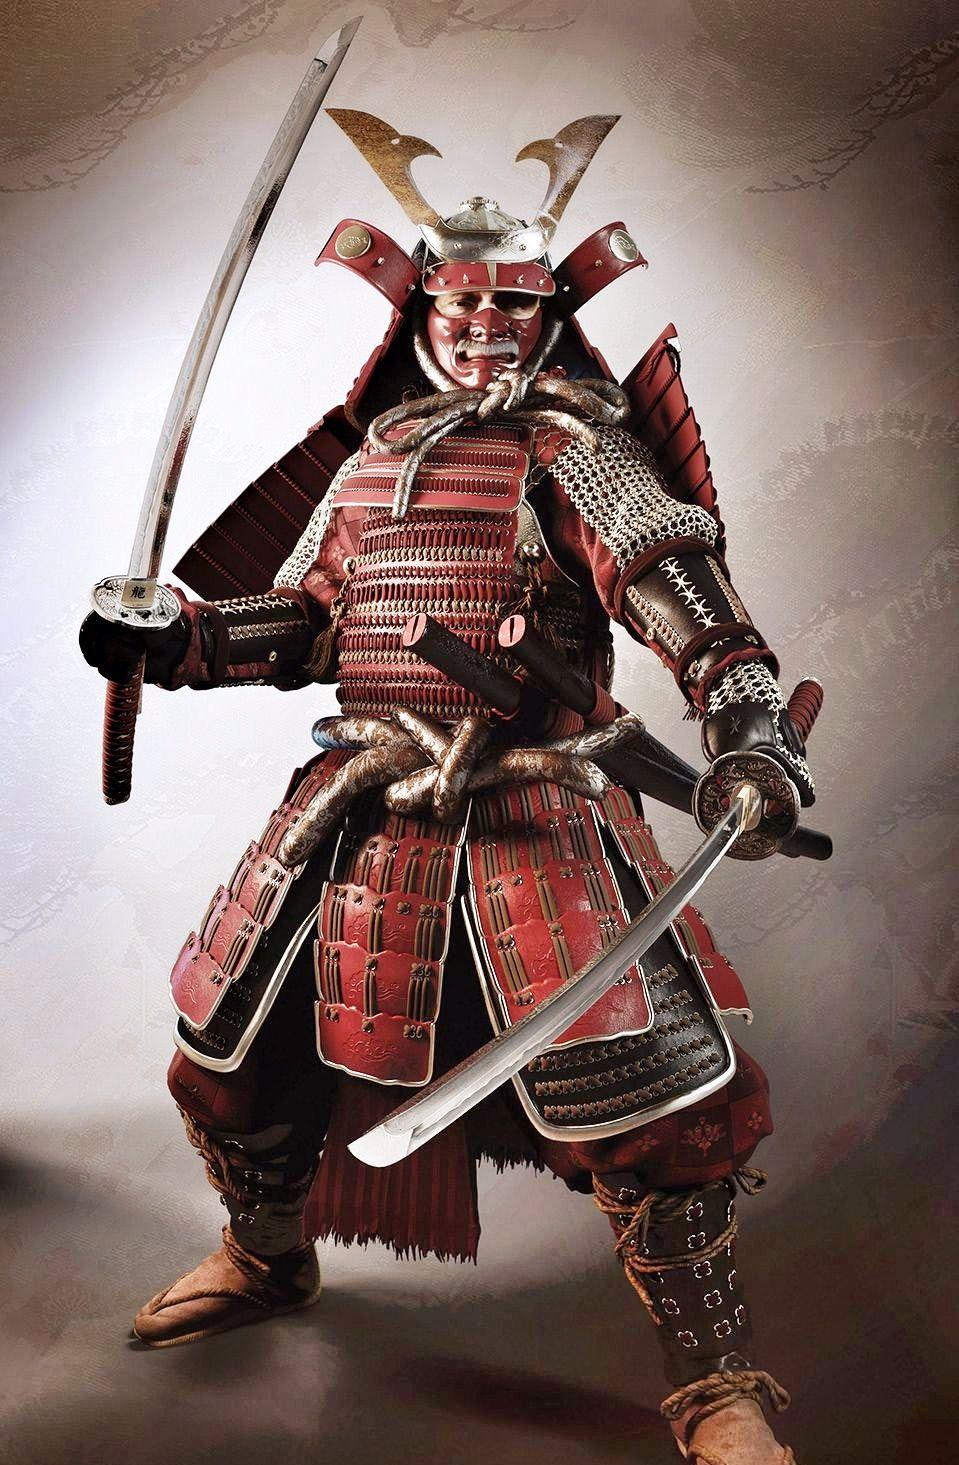 Ghim của Lợi Đại trên Samurai Chiến binh, Nhật bản, Hình xăm